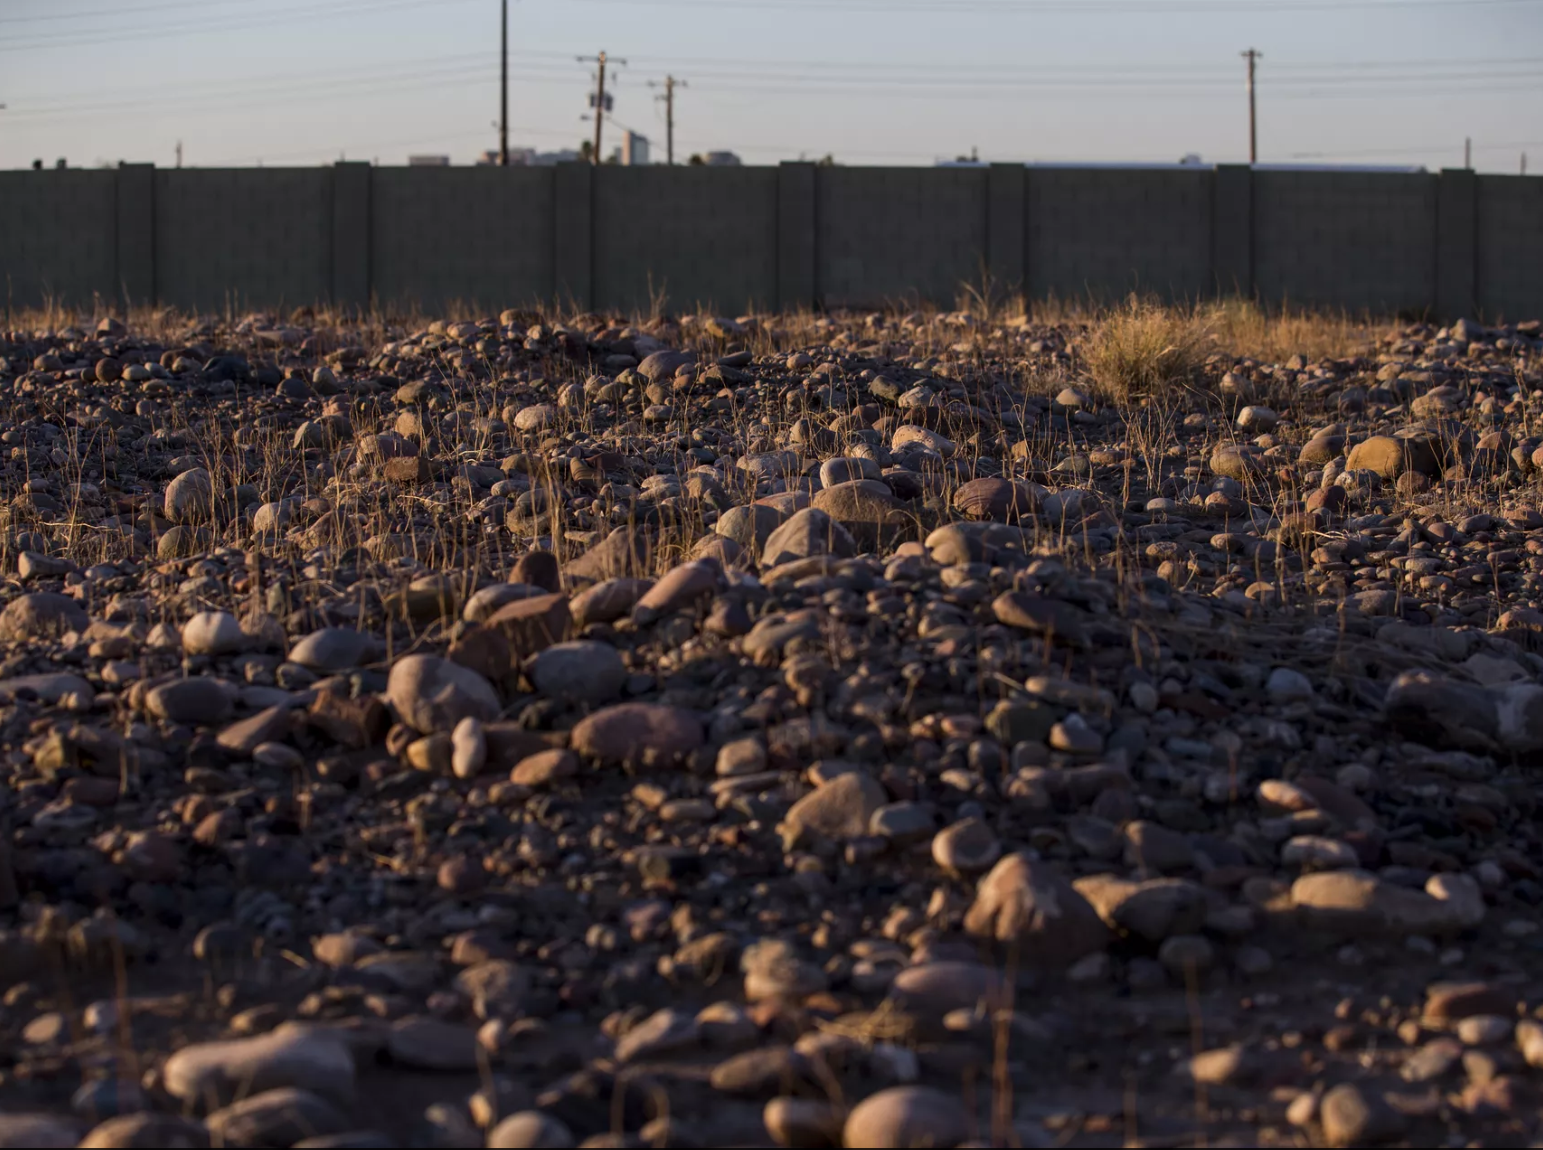 Espacios descuidados, tumbas saqueadas, abandono y mucha basura se puede observar en el cementerio Sotelo-Heard en Sur Phoenix, que hoy luce en ruinas